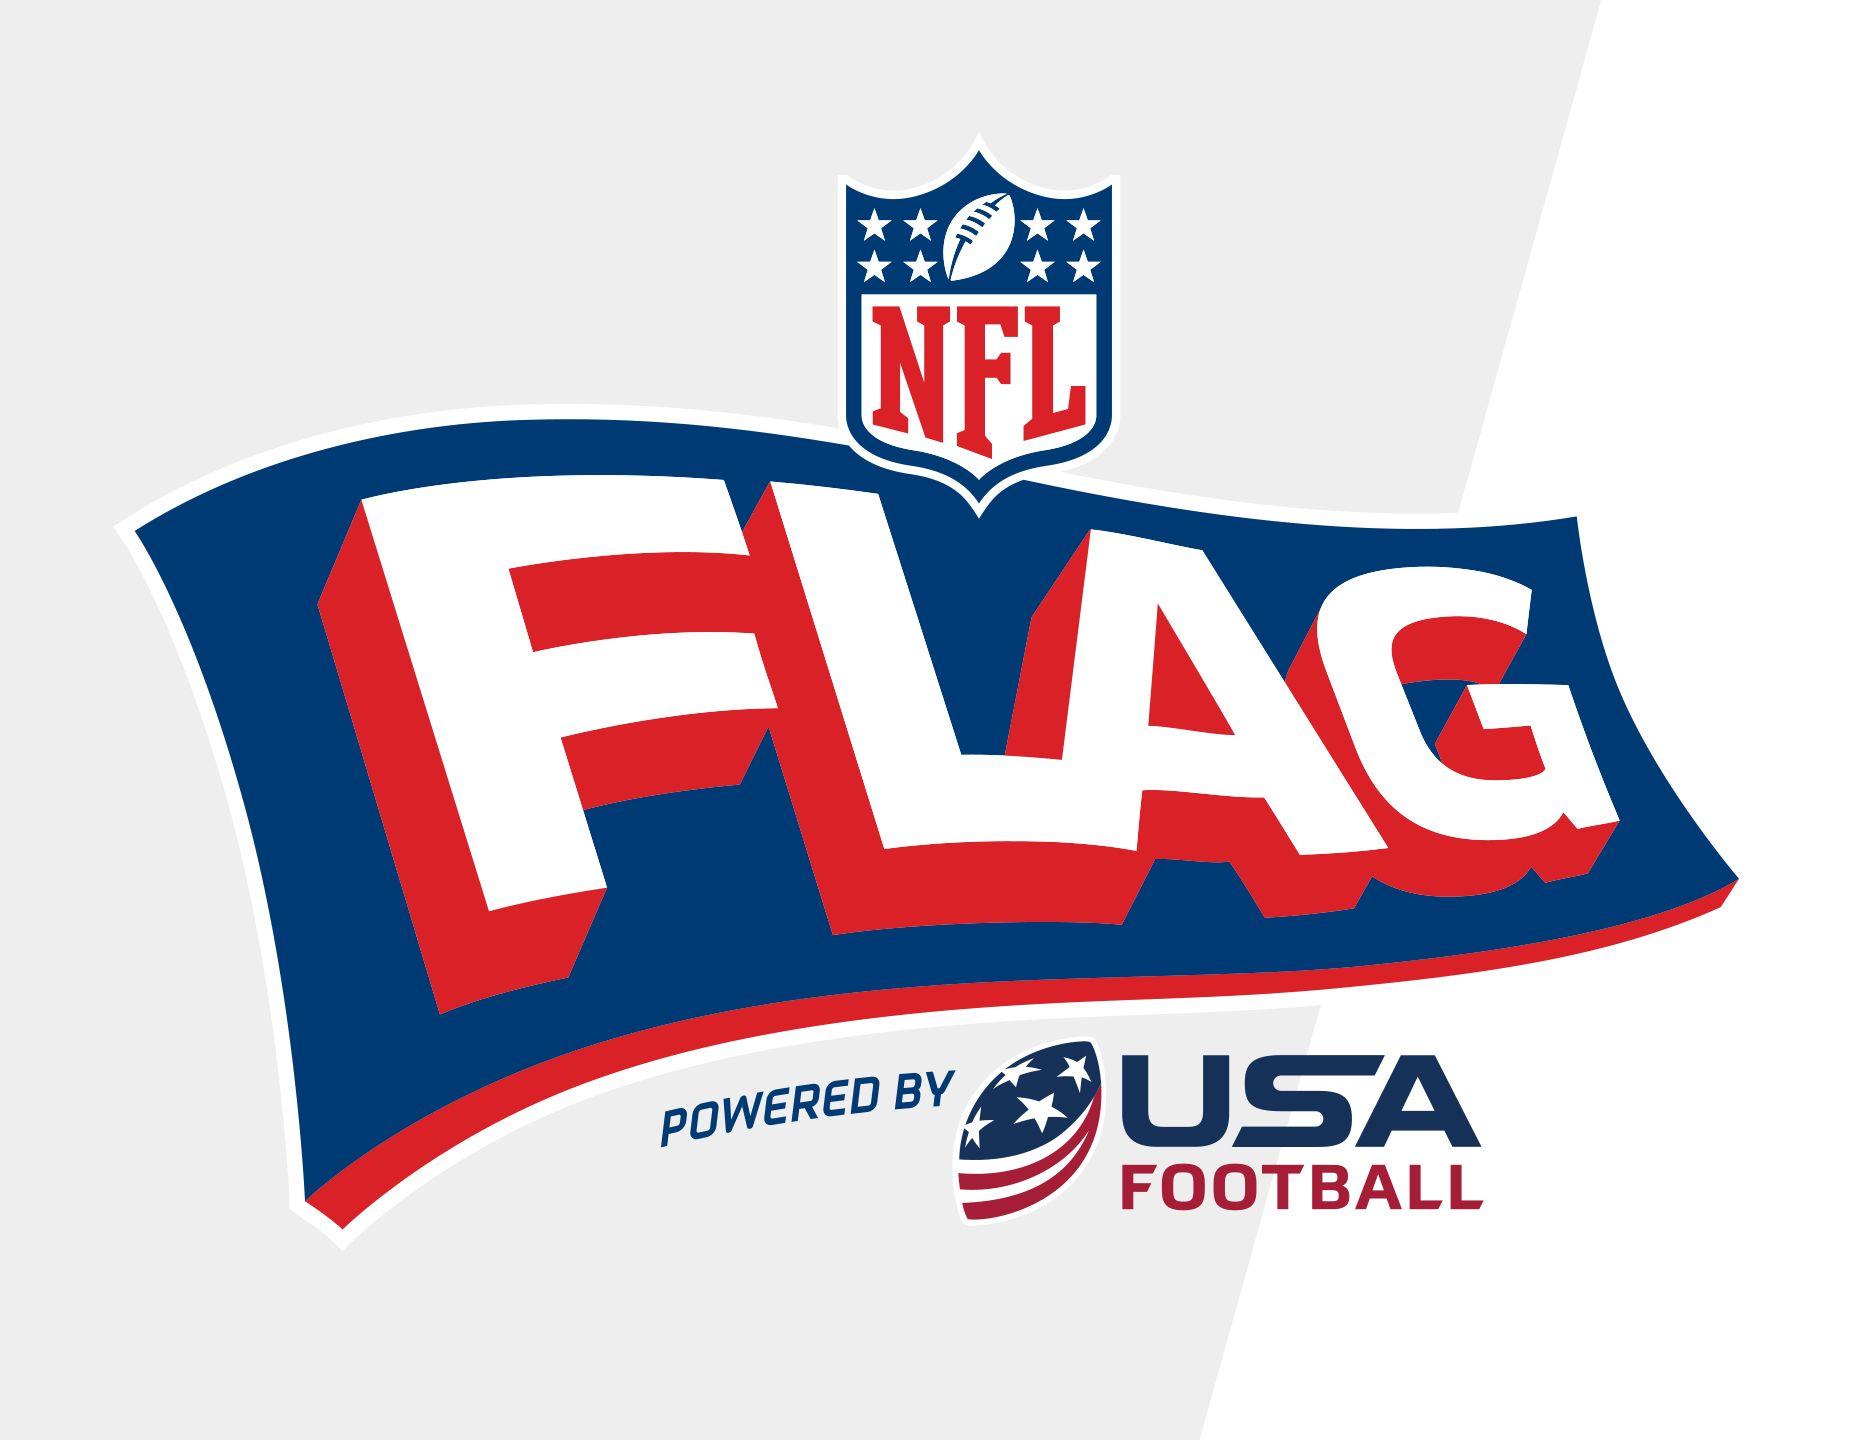 200206_Promo_NFL_Flag